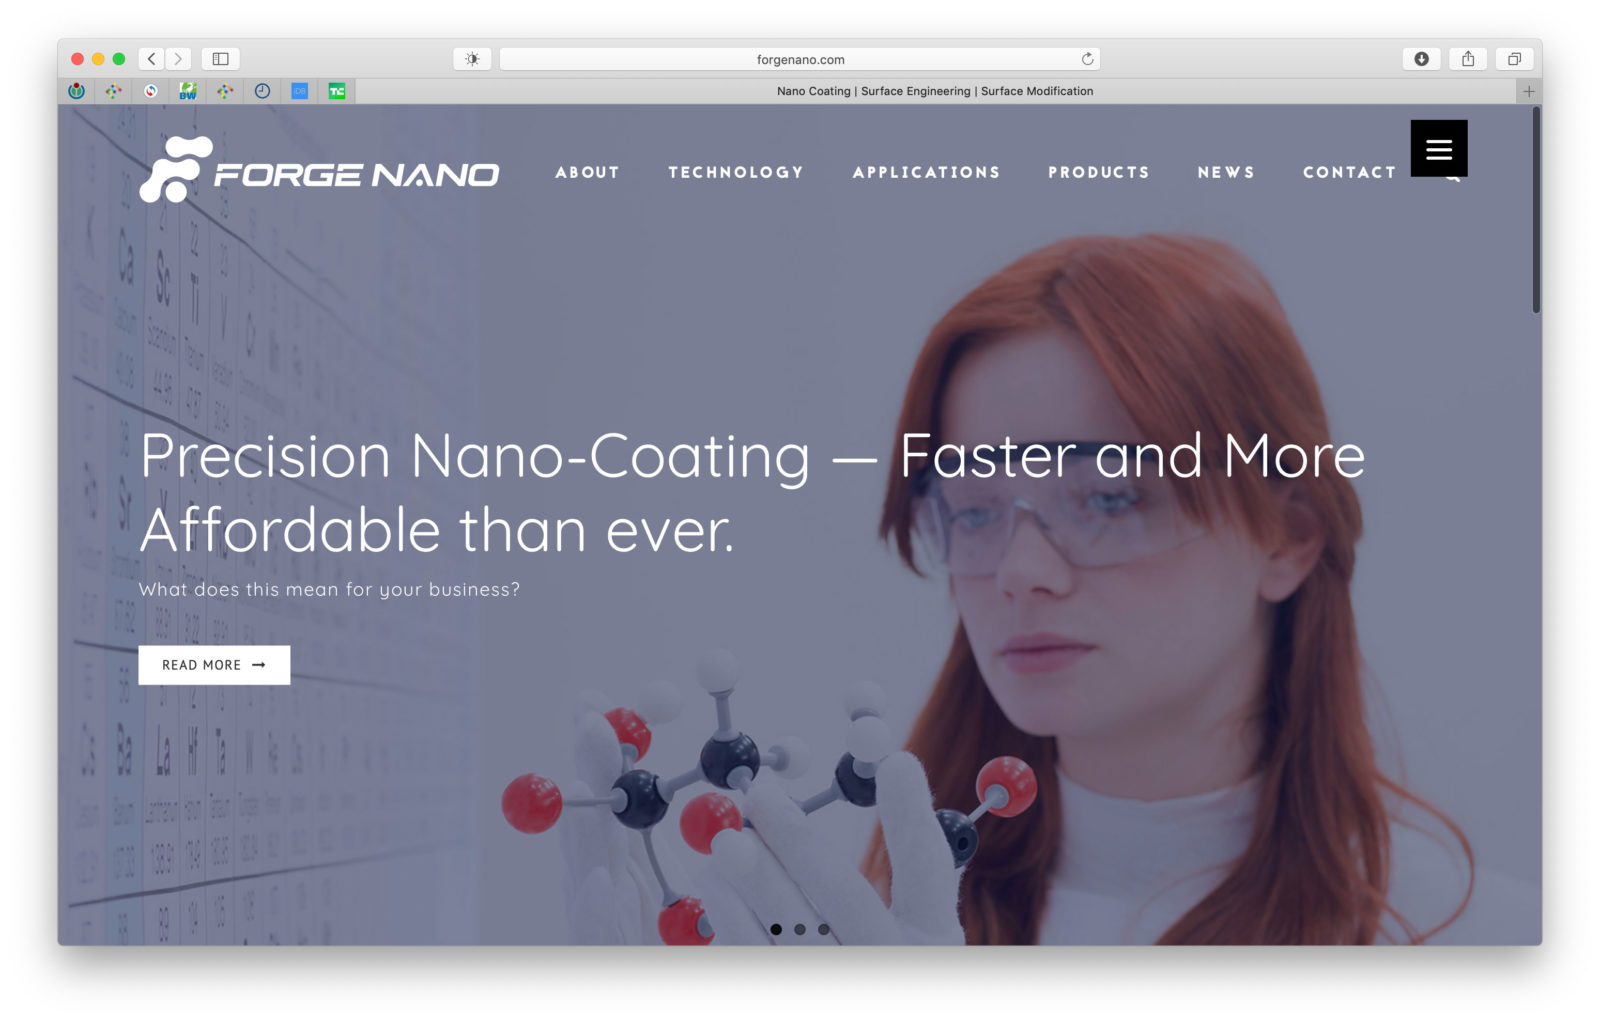 Sito web di Forge Nano